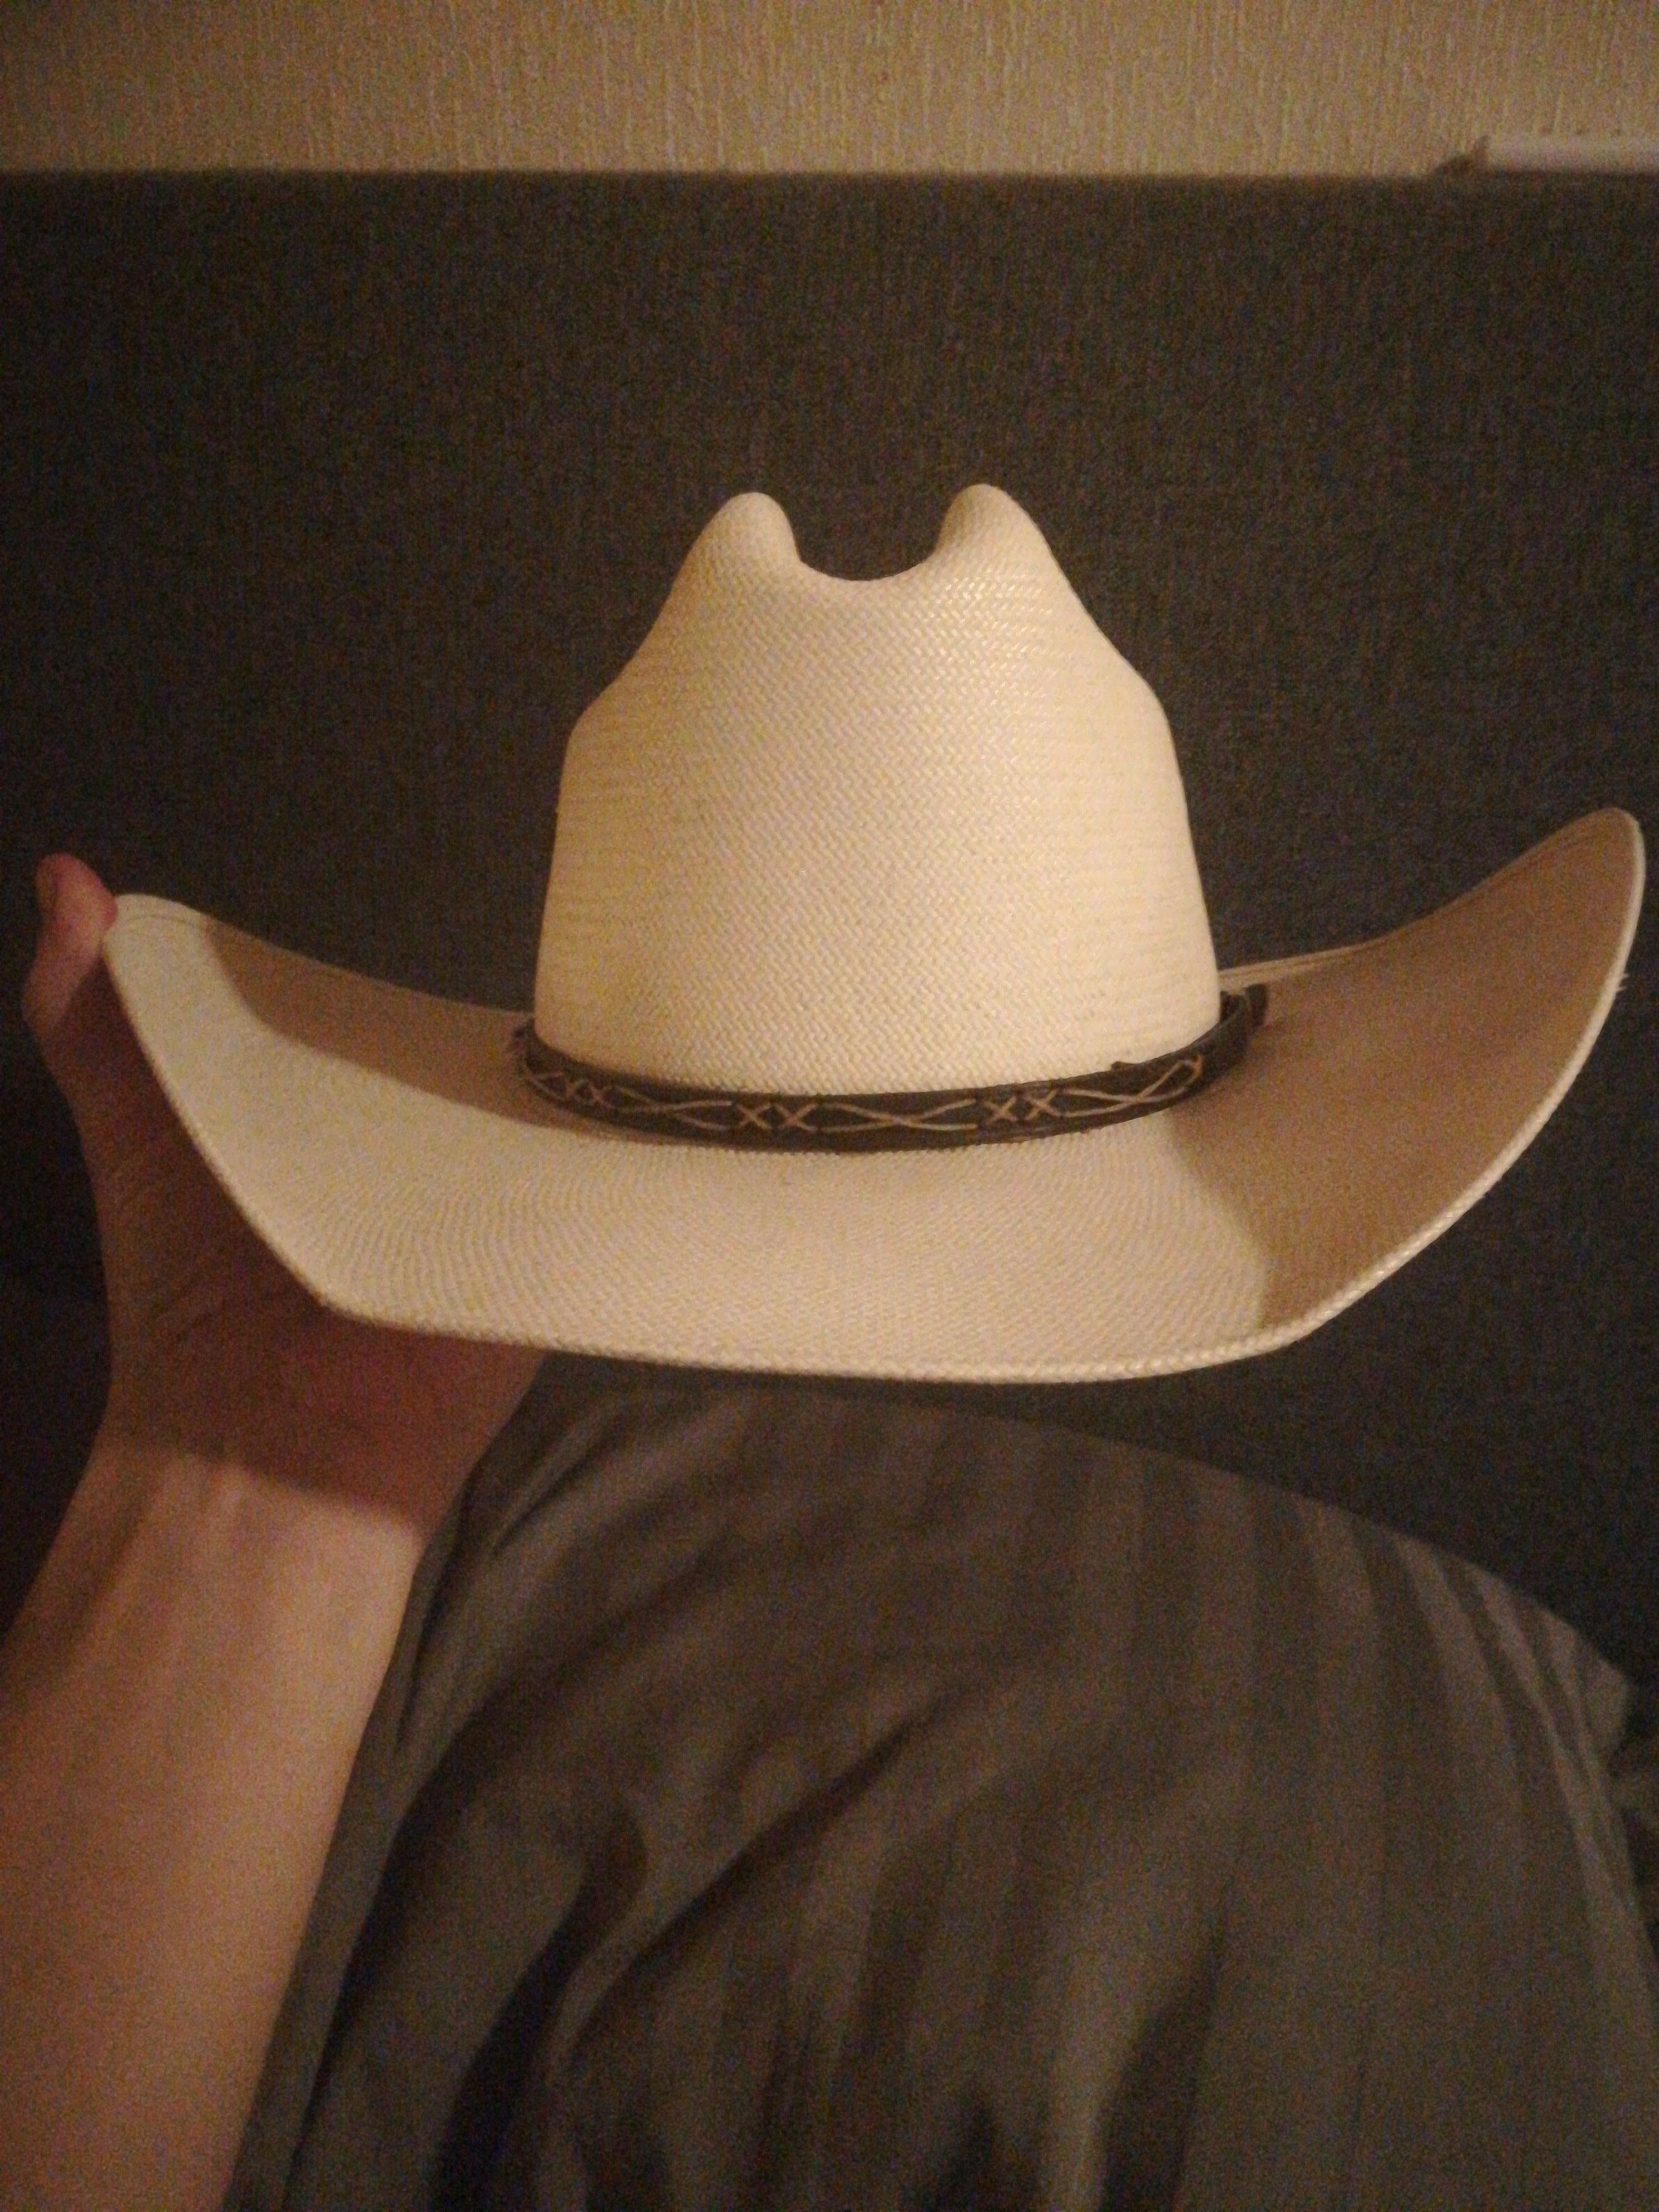 västra cowboy dating hem skillnad i NC och dating